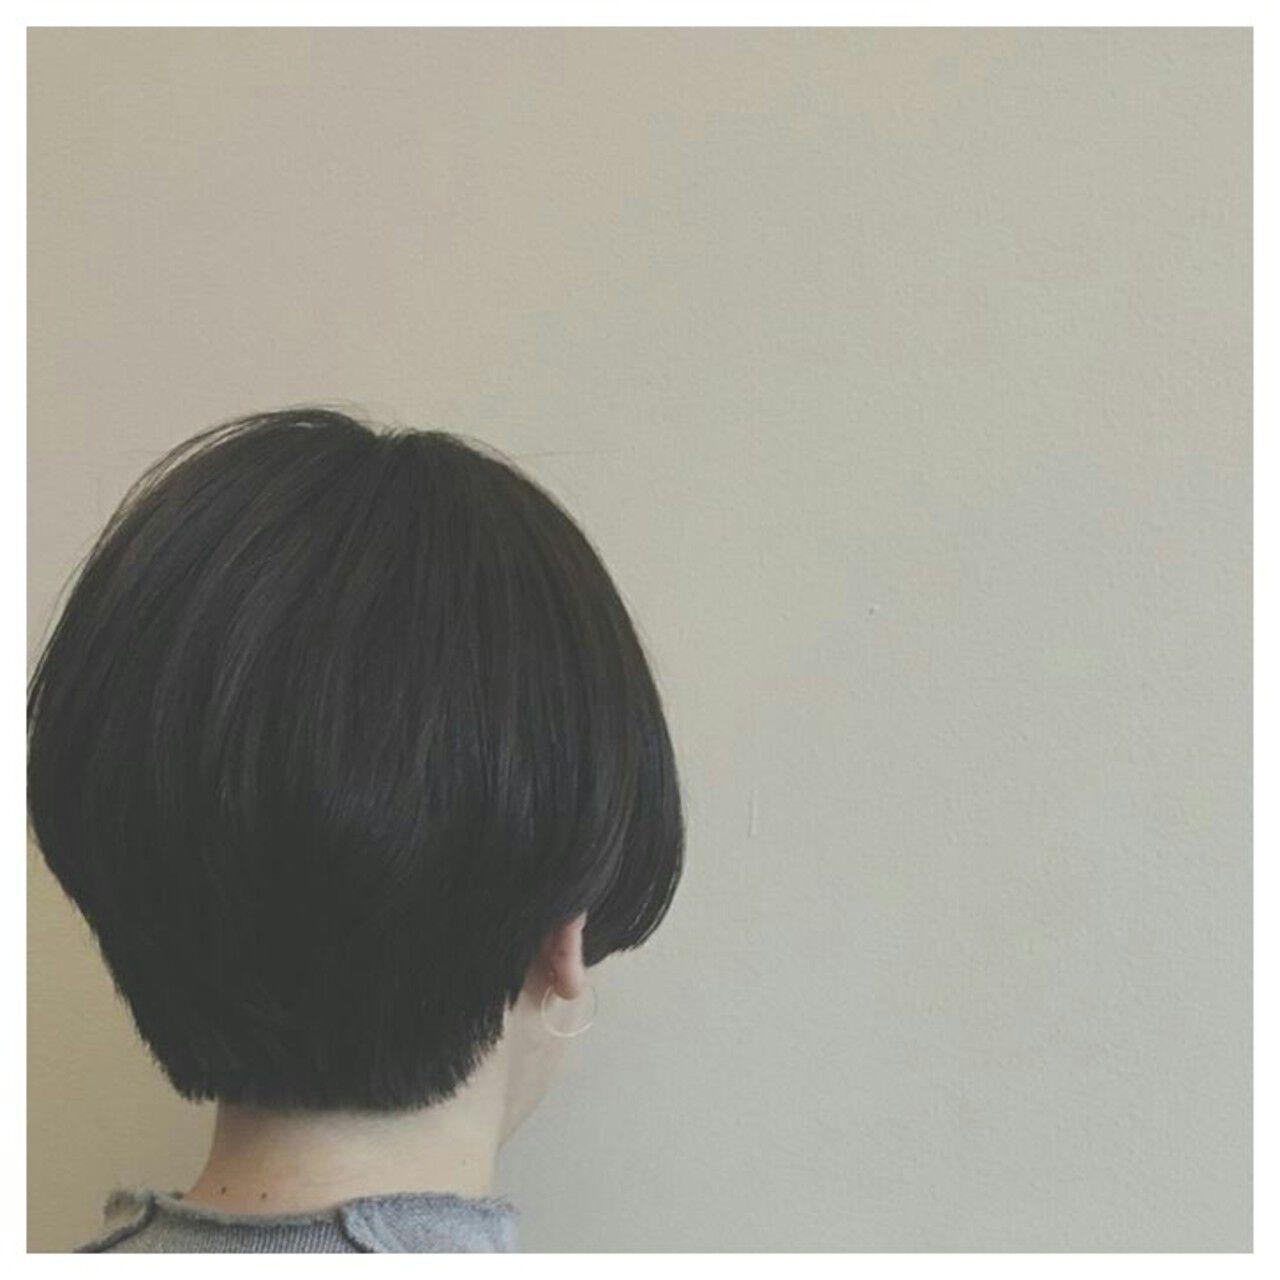 ナチュラル 暗髪 ショート ボブヘアスタイルや髪型の写真・画像